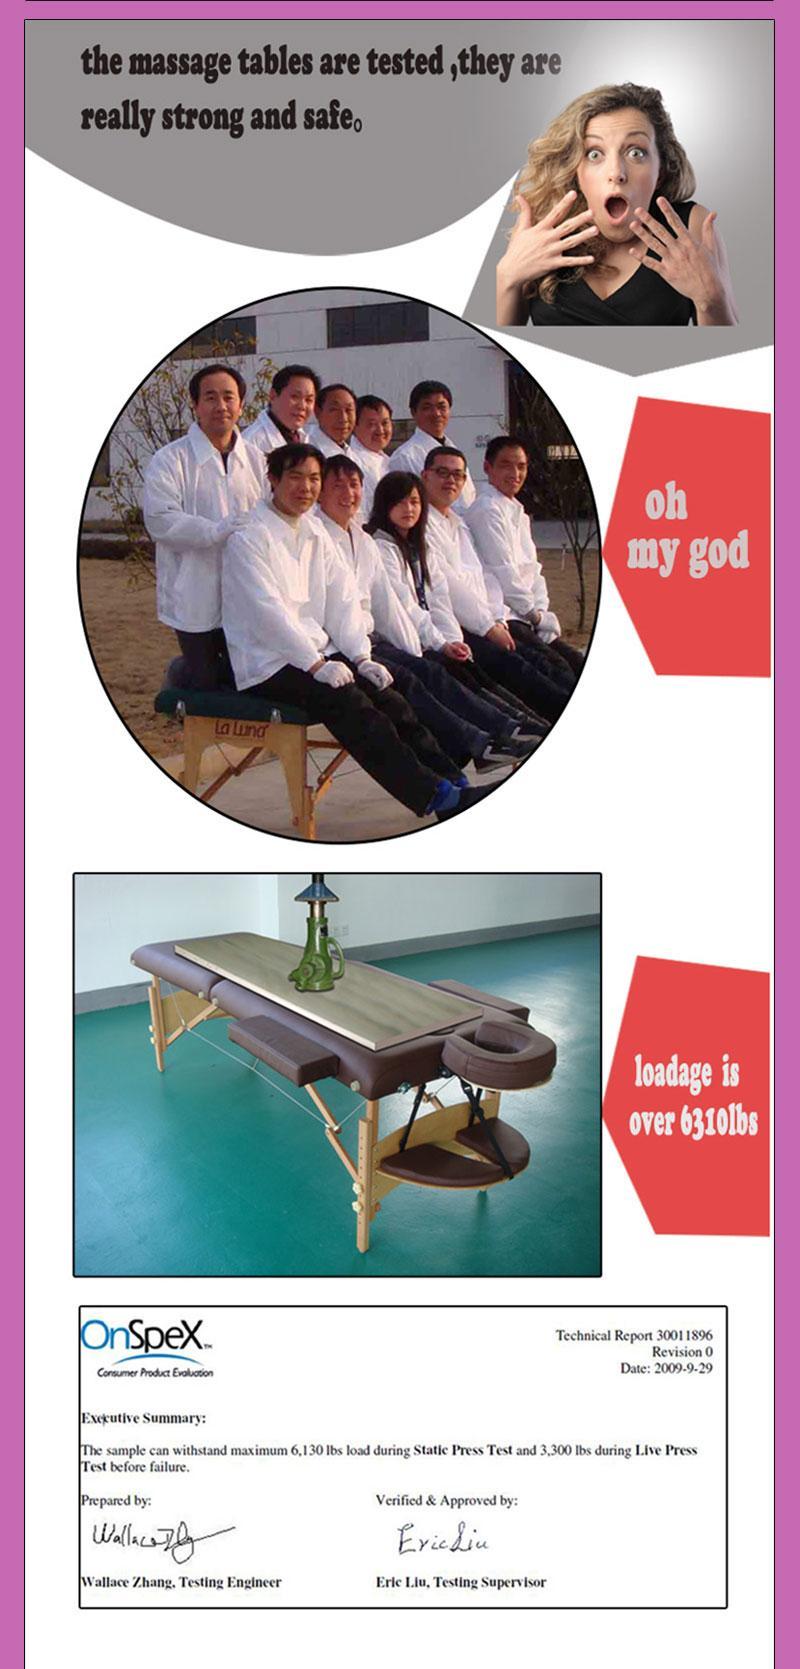 經典折疊木製按摩床MT-003 10